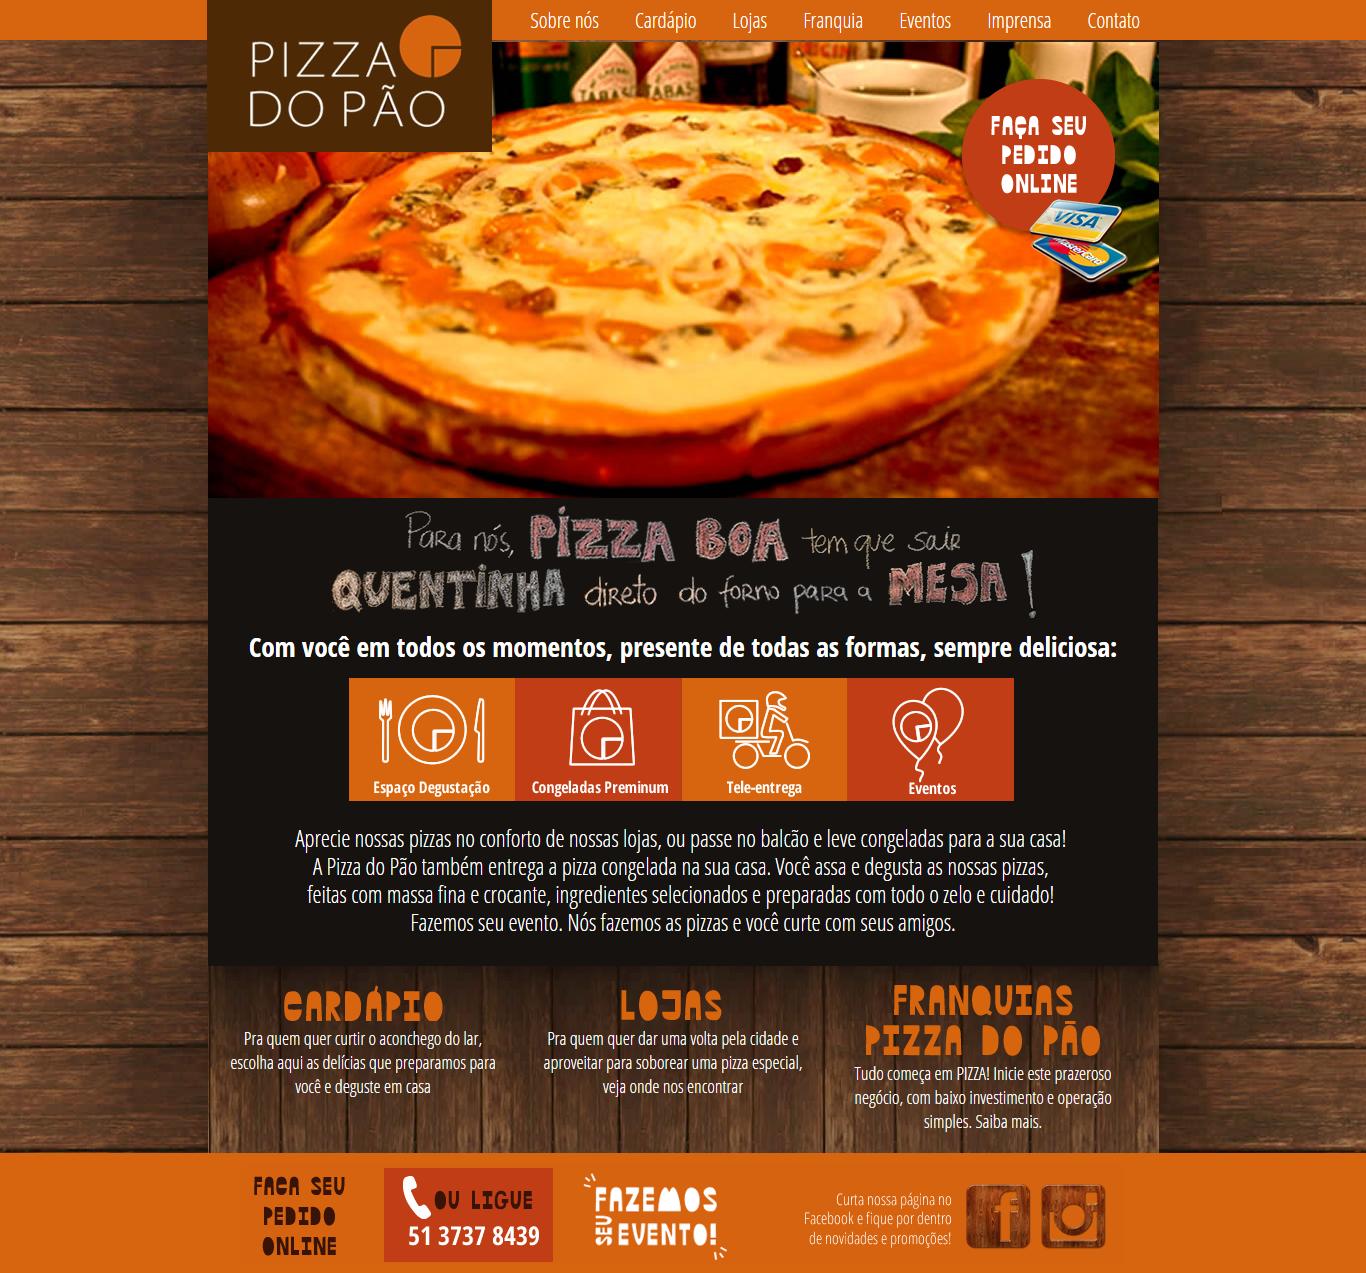 2014 - pizzadopao 1